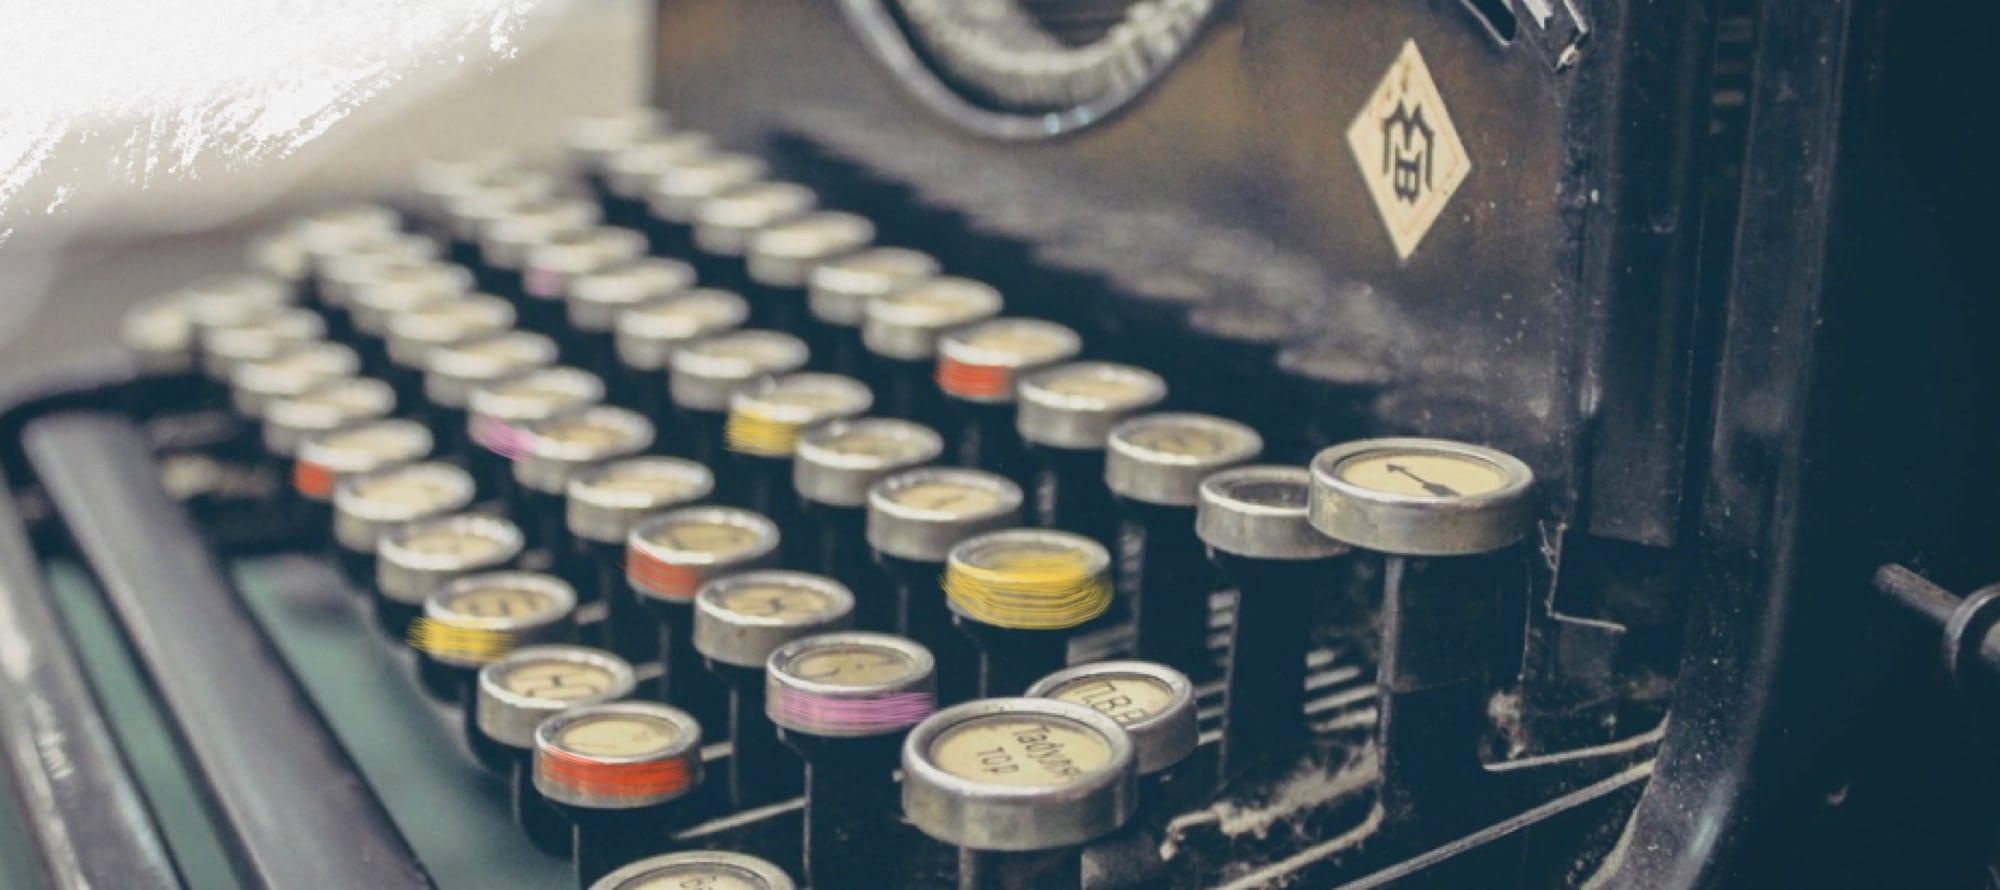 una macchina da scrivere che richiama agli ingranaggi della nostra mente